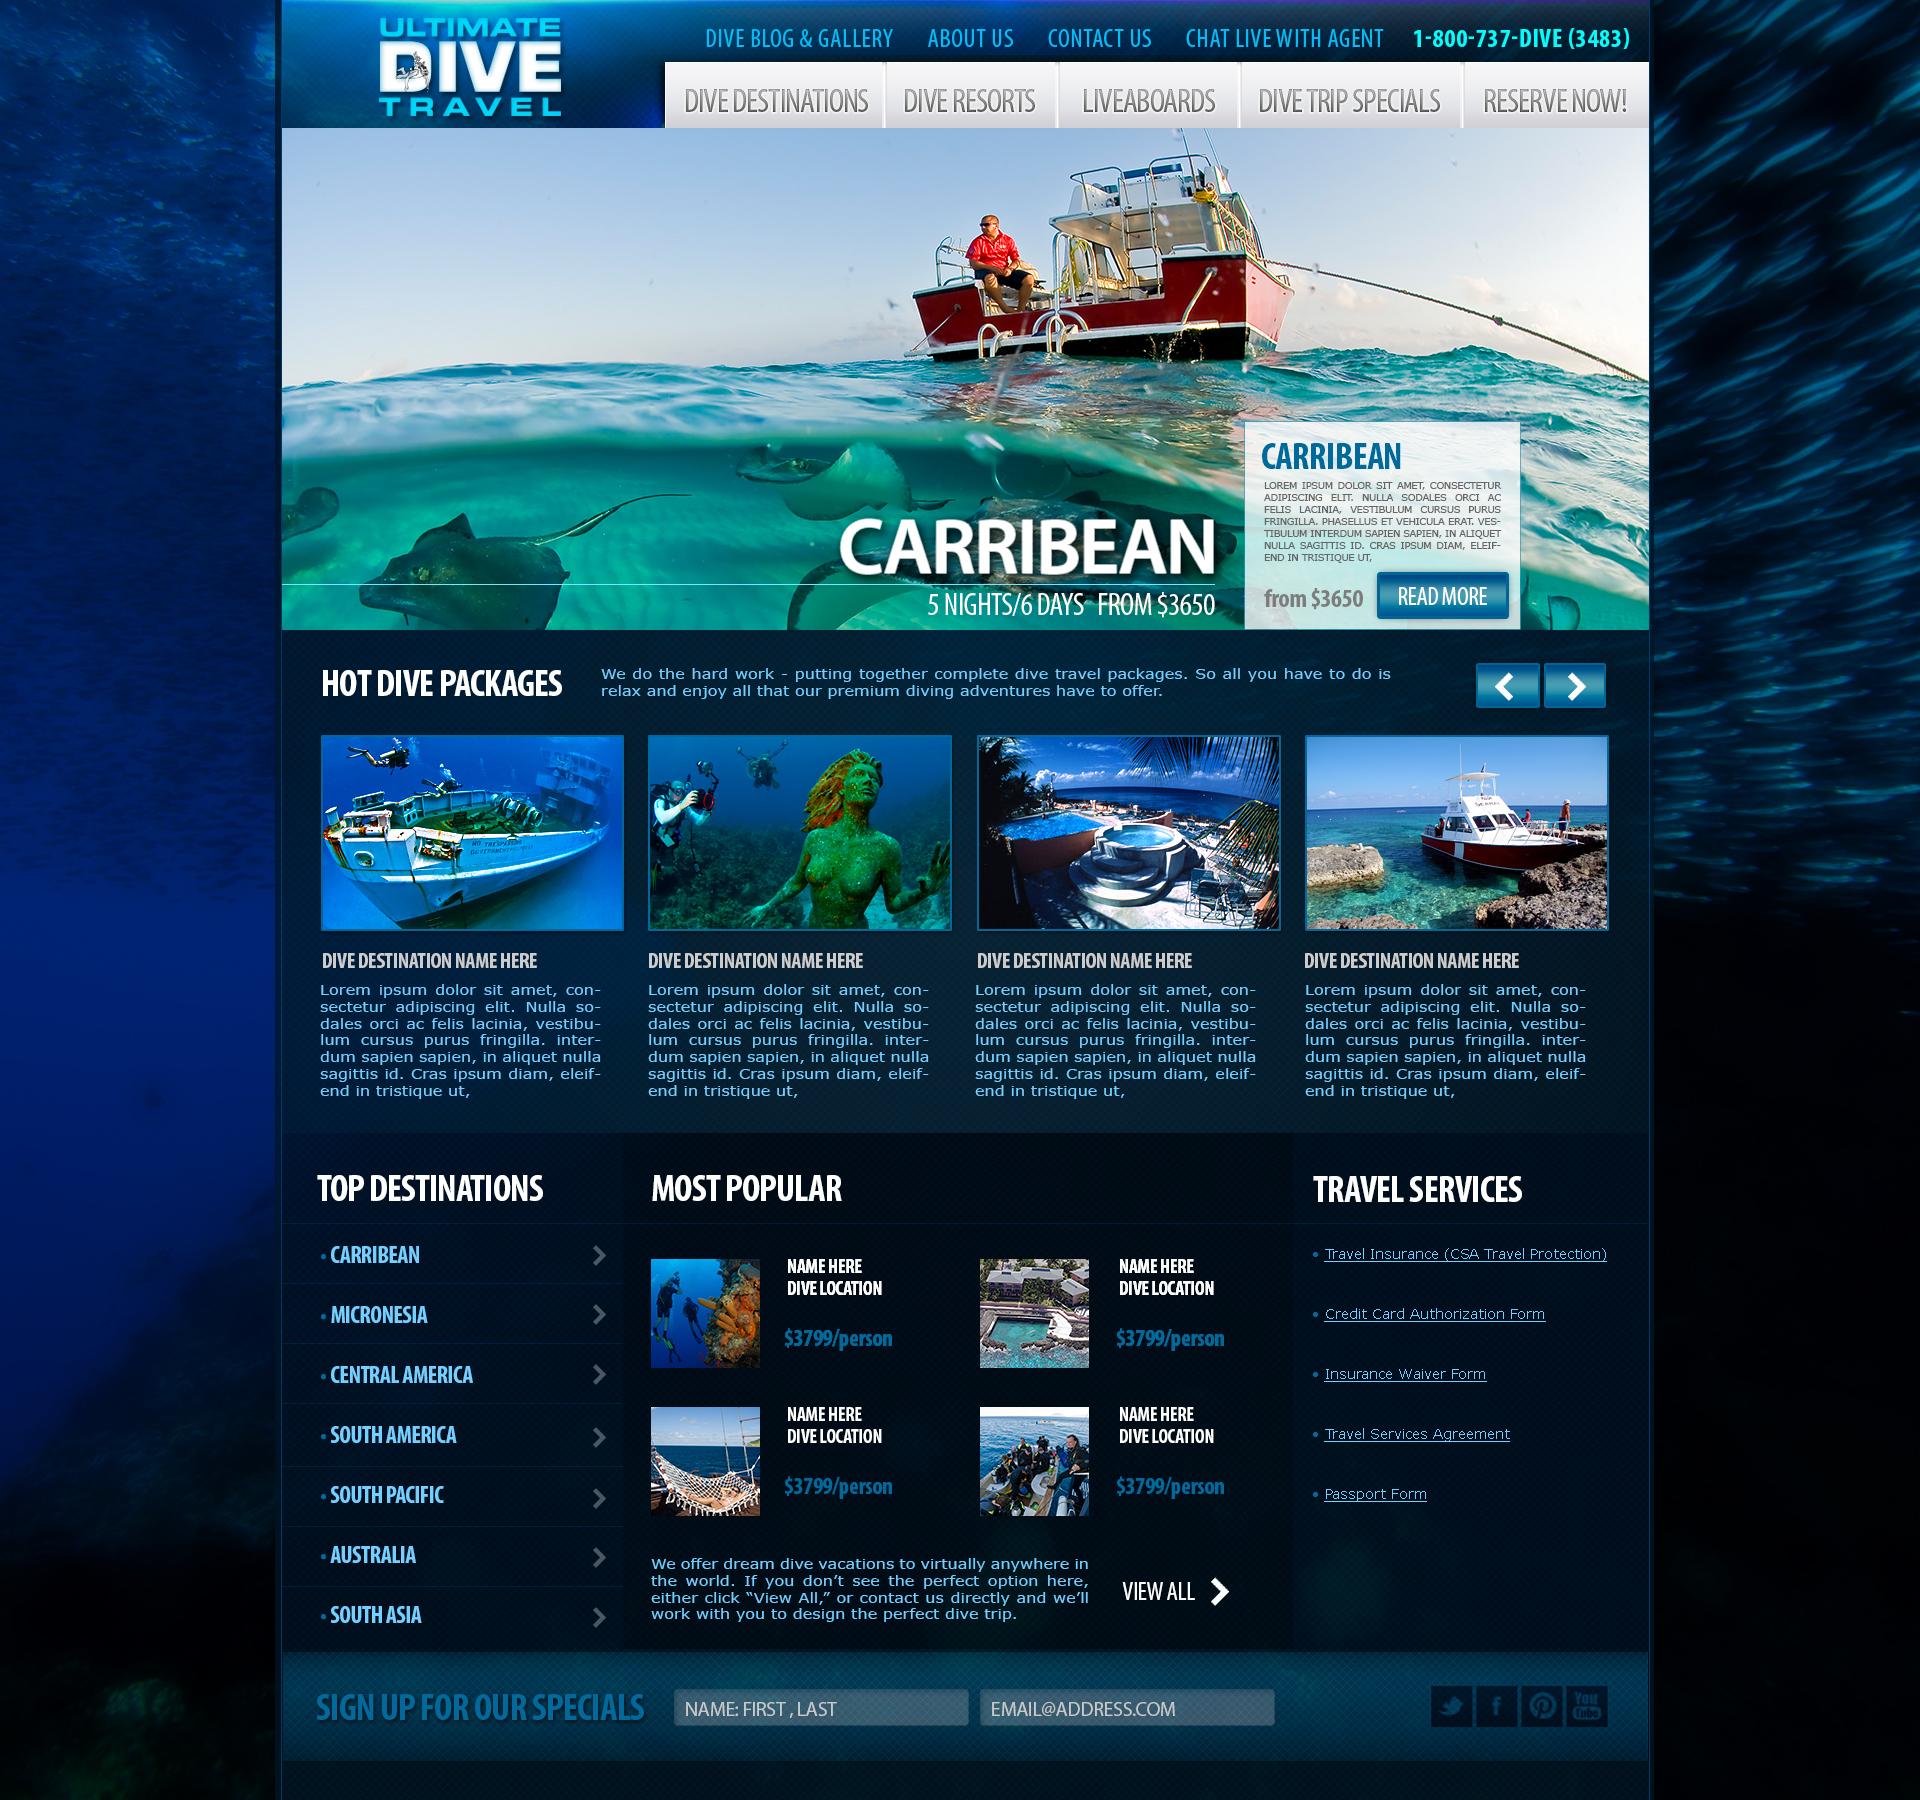 Marketing UDT website design